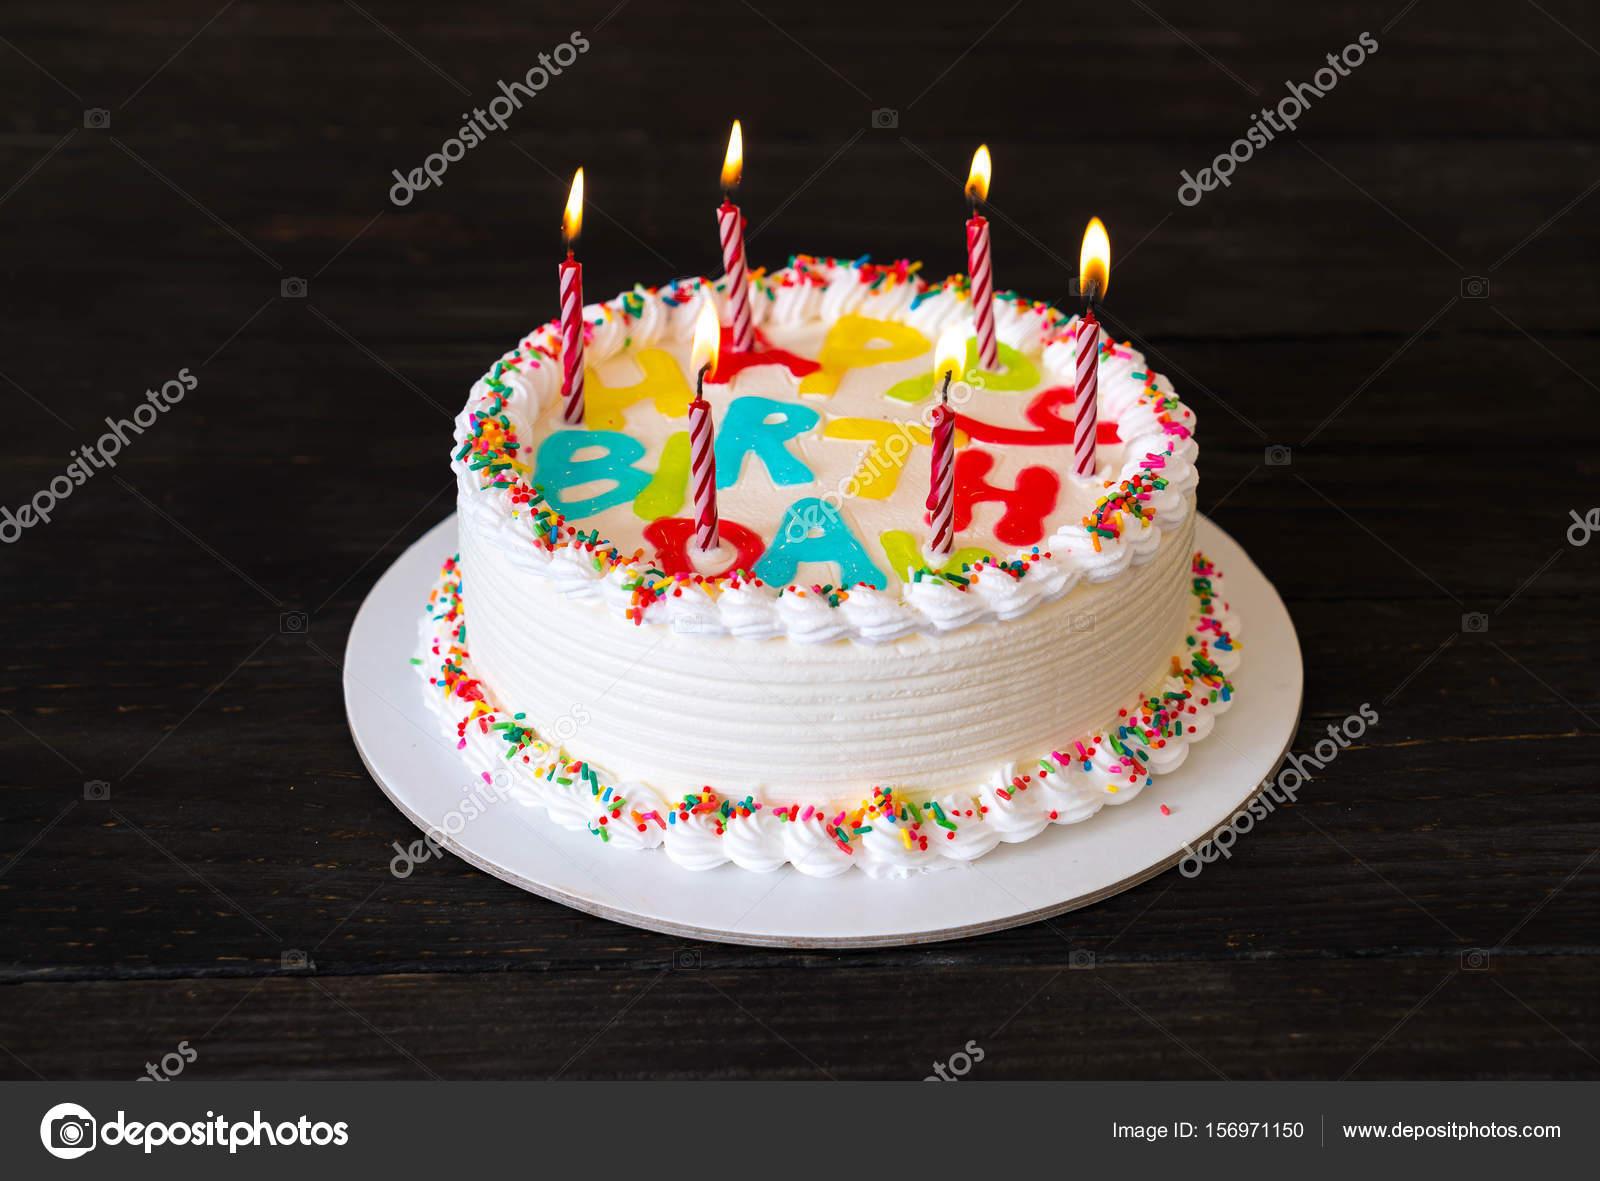 Imágenes: Ver Pasteles Para Cumpleaños